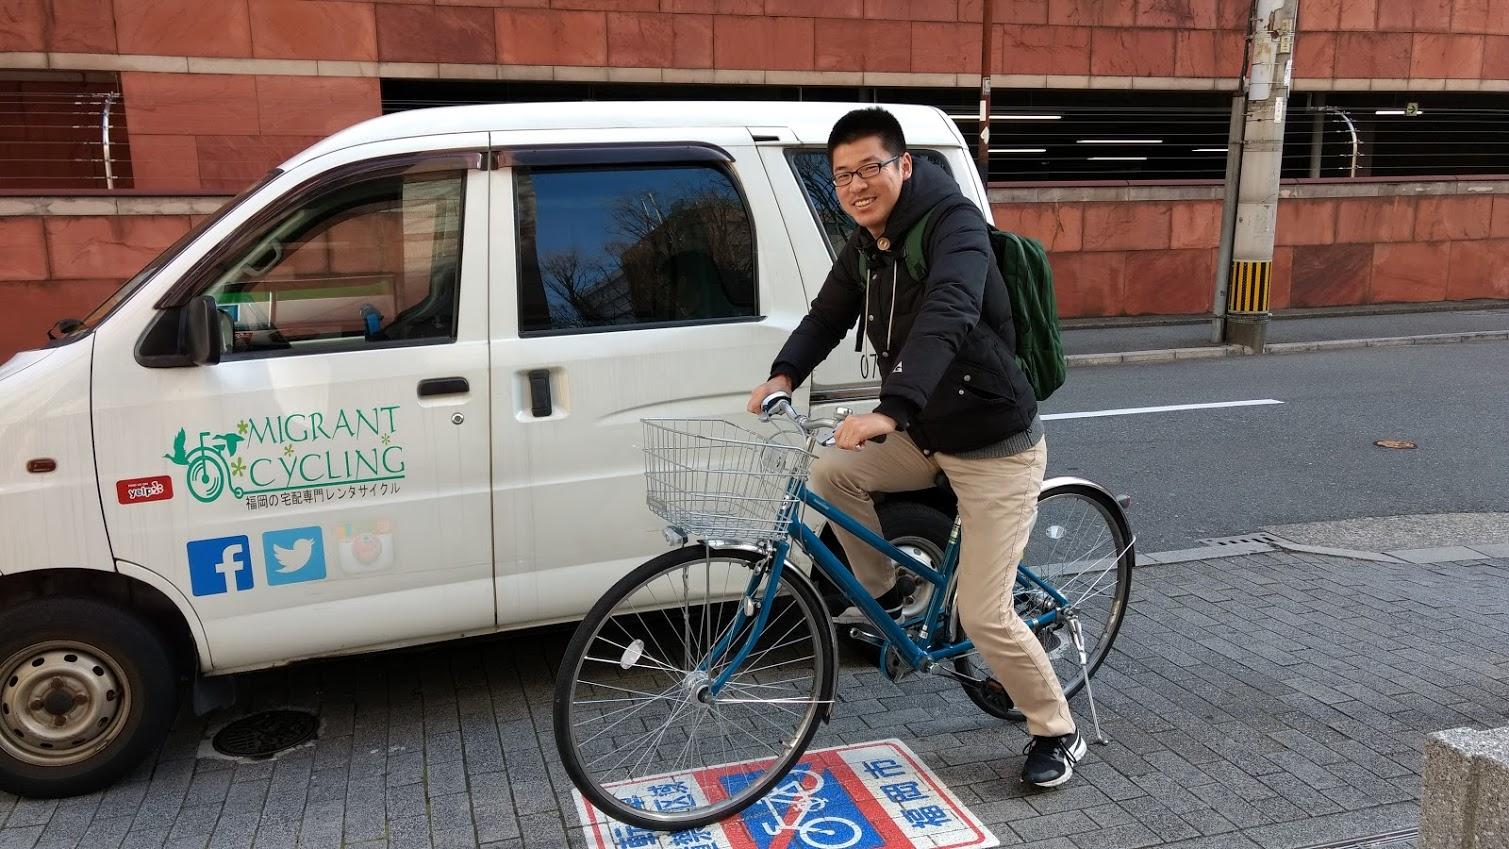 福岡旅行はレンタサイクルがおすすめ